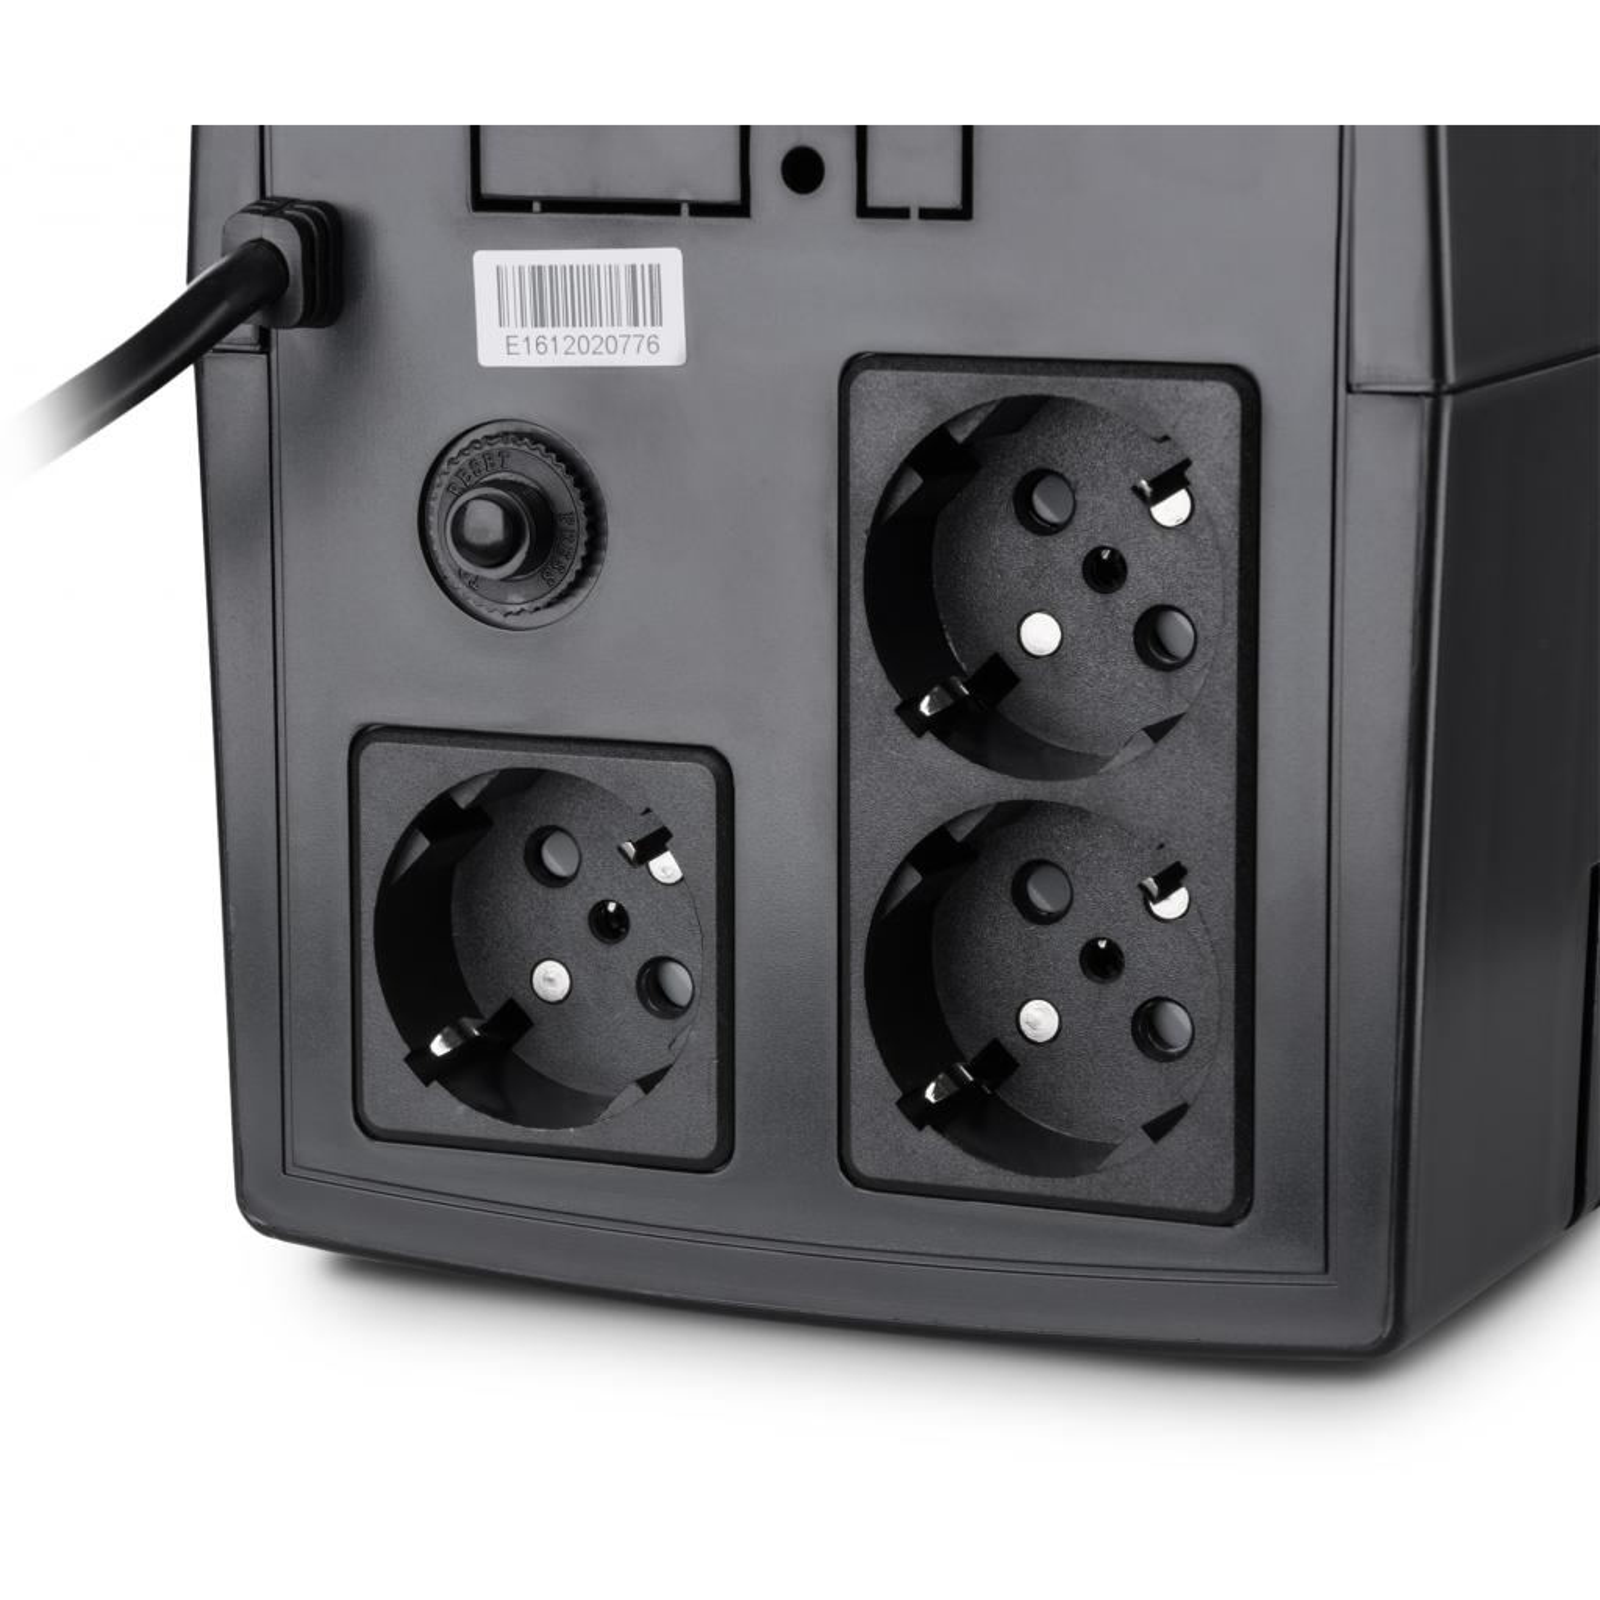 Источник бесперебойного питания Vinga LCD 1200VA plastic case (VPC-1200P) изображение 5